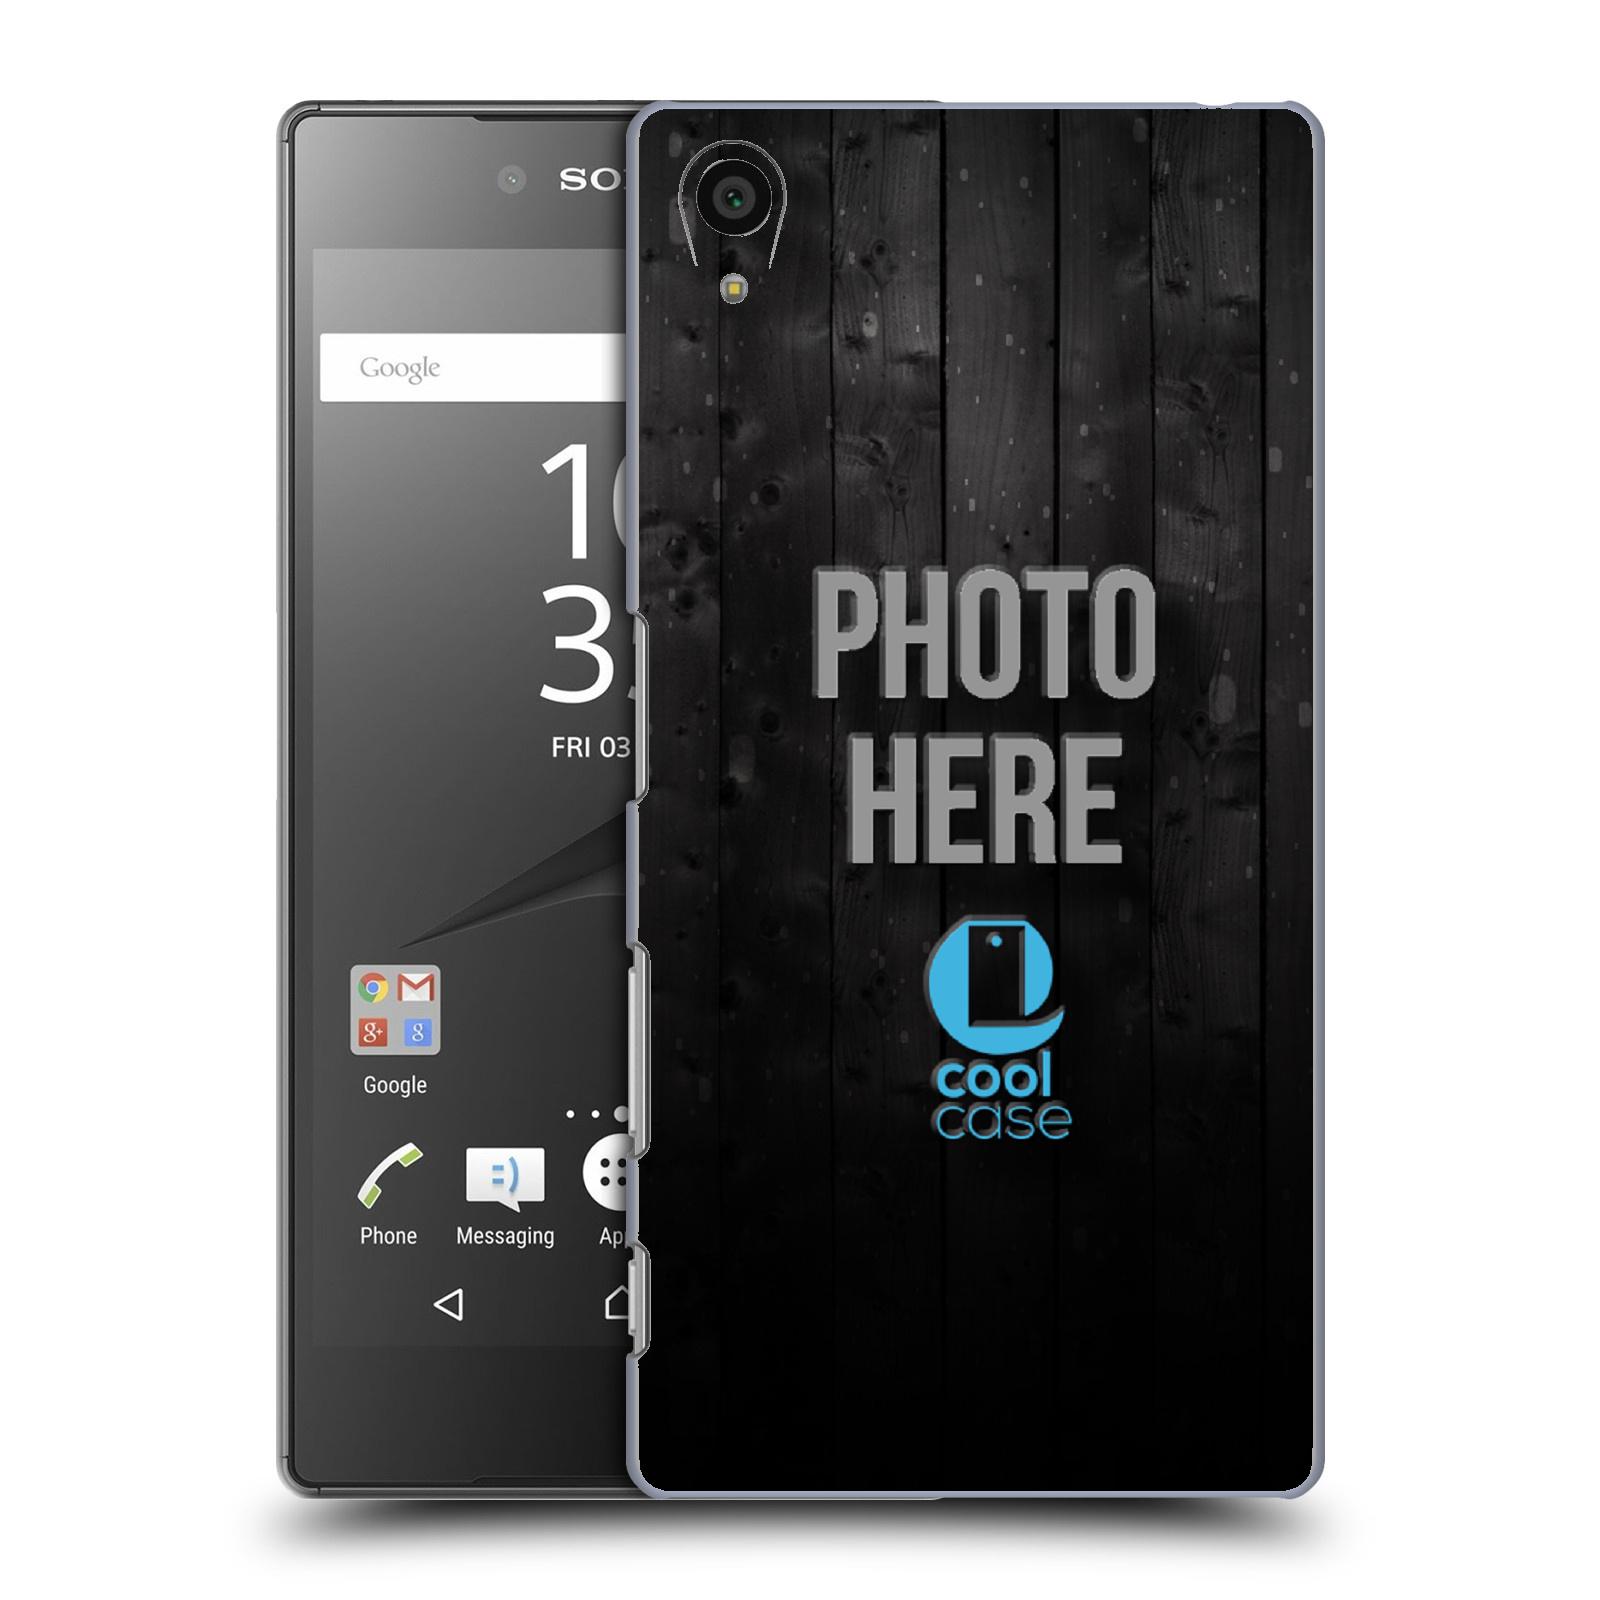 Silikonové pouzdro na mobil Sony Xperia Z5 Premium HEAD CASE s vlastním motivem (Silikonový kryt či obal s vlastní fotografií na mobilní telefon Sony Xperia Z5 Premium E6853)